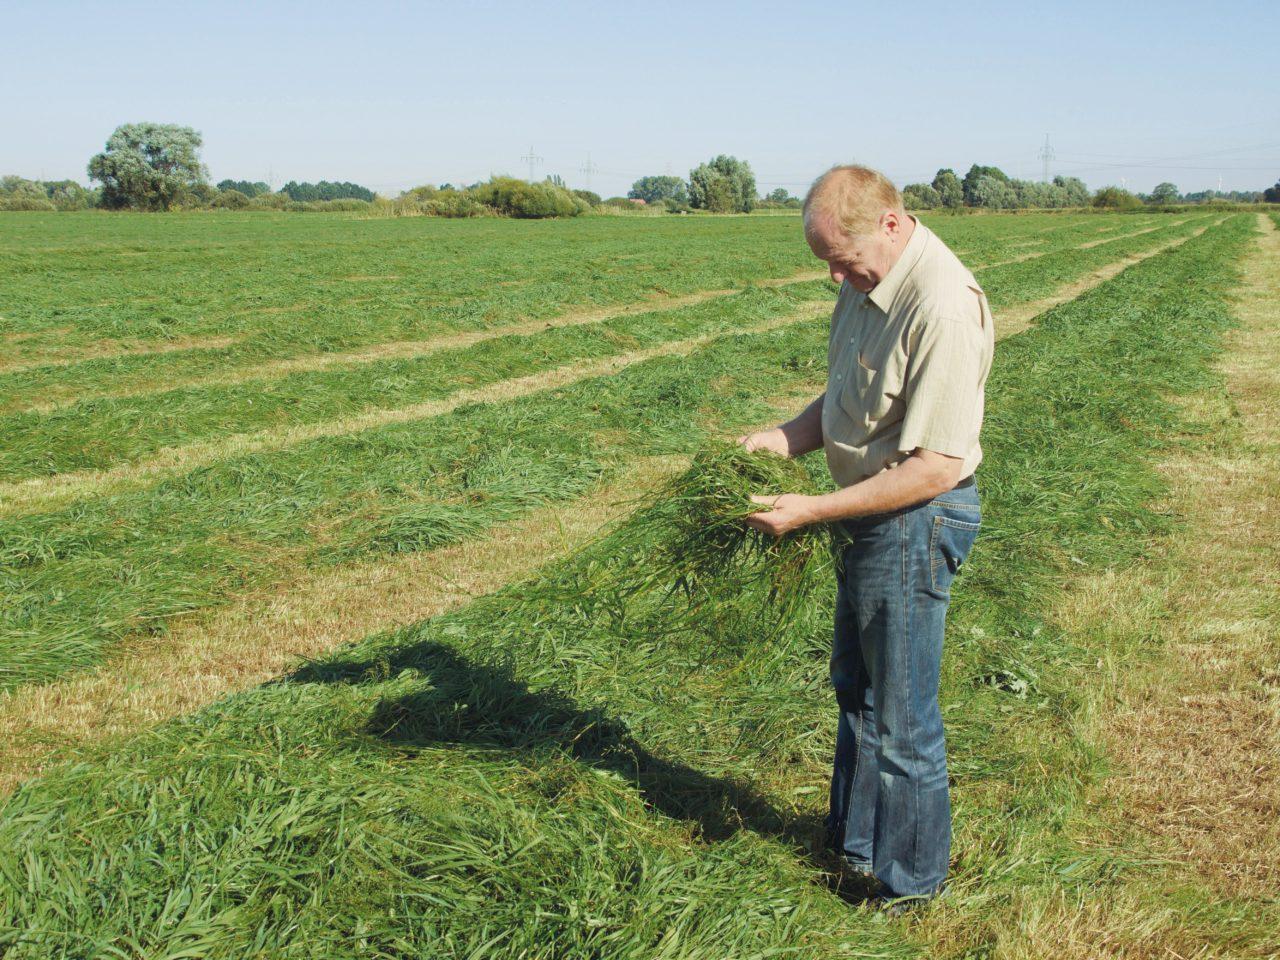 Inhaber Speers bei der Kontrolle der erntefrischen Heus auf den Naturwiesen